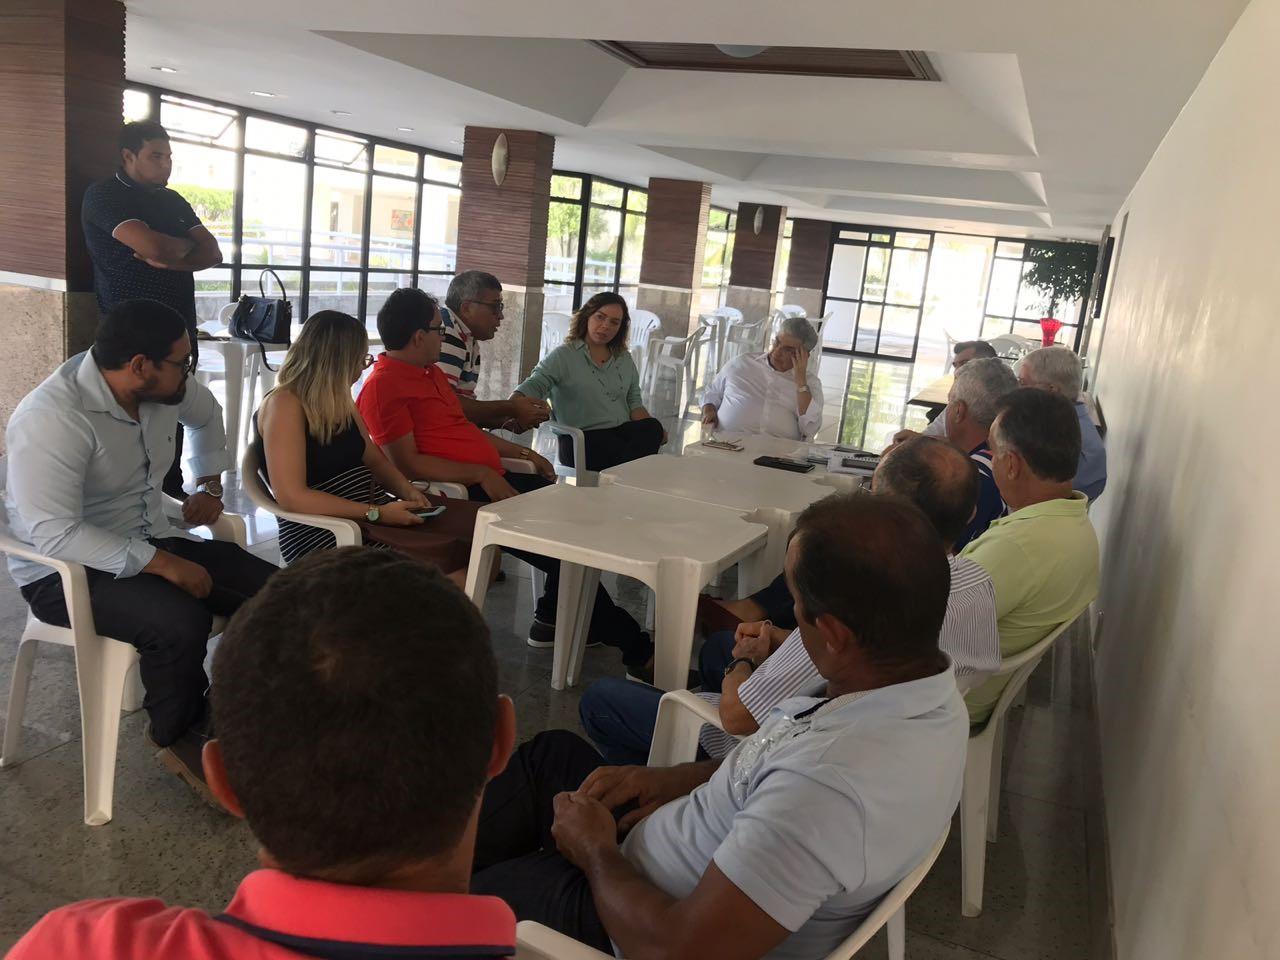 O objetivo do encontro é sensibilizar o Governo Federal juntamente com a Secretaria de Pesca para a desburocratização na entrega das licenças para a pesca do atum.